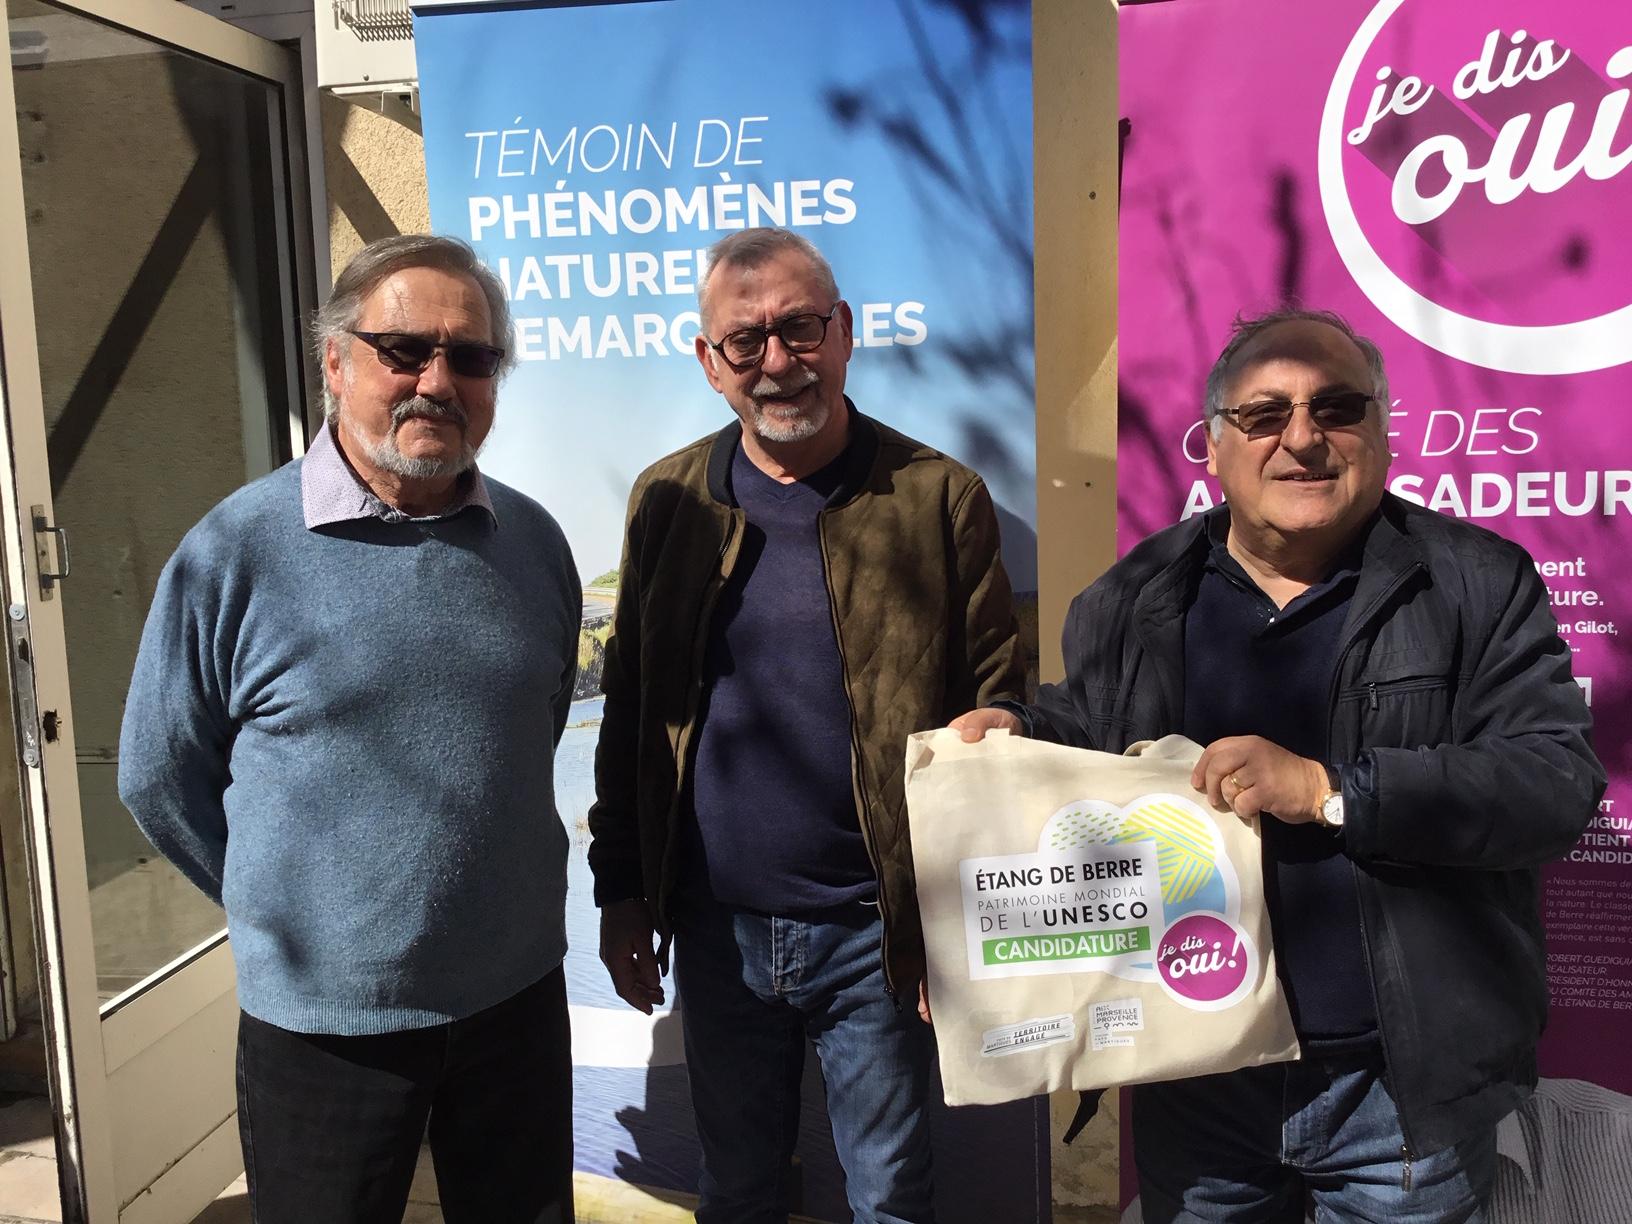 Un samedi de mobilisation pour la Nature et le Climat à Martigues : Ouverture des locaux de l'Association pour la Candidature de L'Étang de Berre au Patrimoine Mondial de l'Unesco